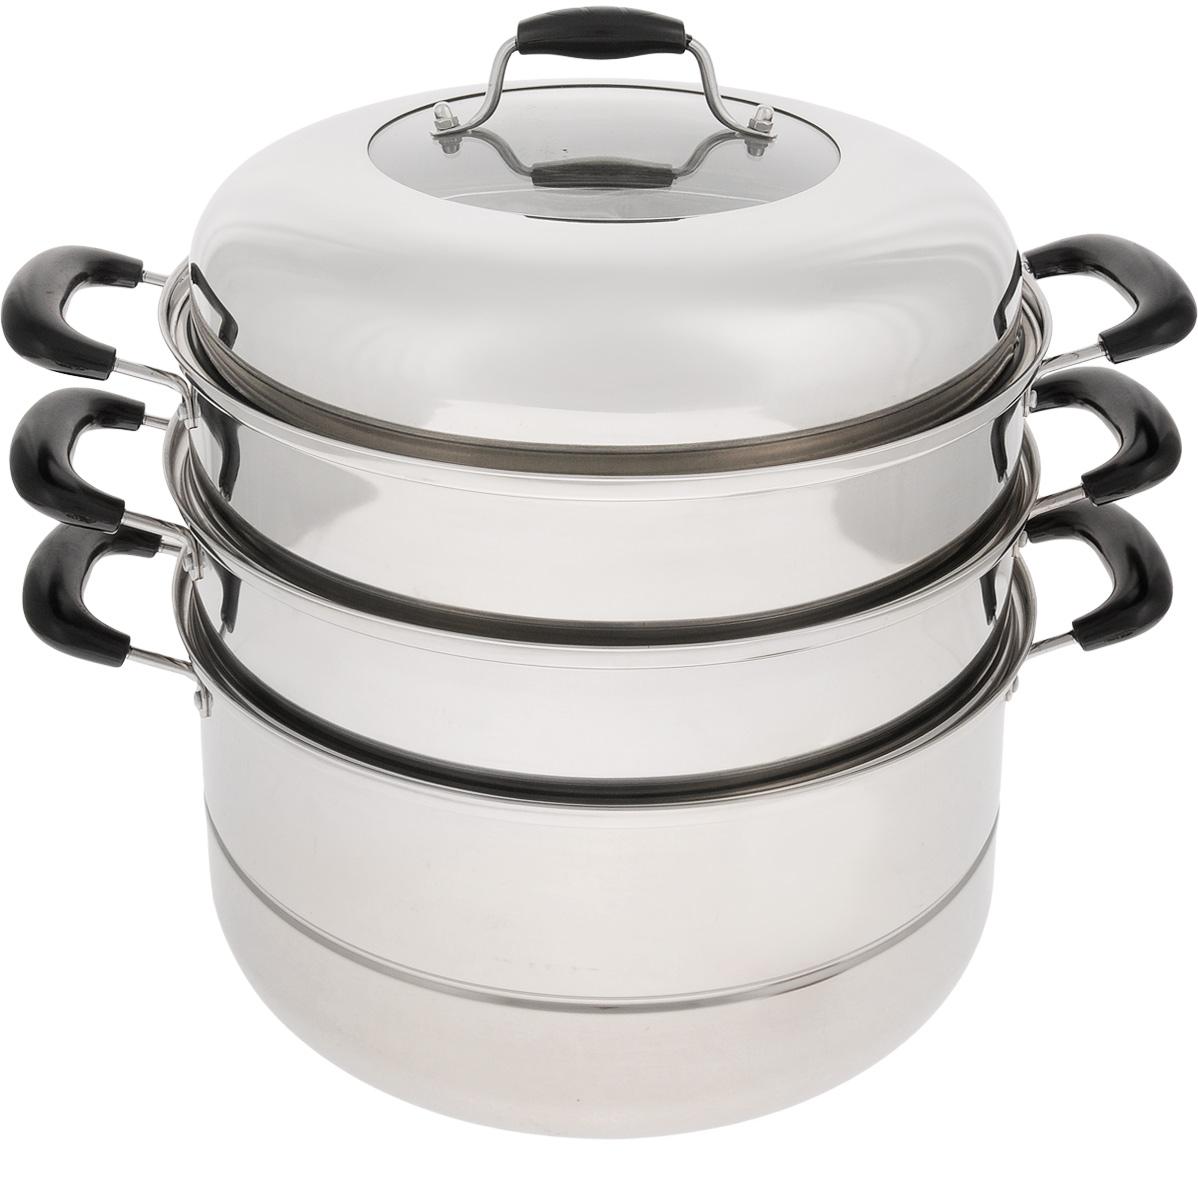 Мантоварка Mayer & Boch с крышкой, 3-уровневая, 10,5 л. 34403440Мантоварка Mayer & Boch изготовлена из высококачественной нержавеющей стали, что делает посуду износостойкой, прочной и практичной. Зеркальная полировка придает изделию особо эстетичный внешний вид. Мантоварка имеет 3 уровня: кастрюлю для бульона, 2 съемные секции с отверстиями и сетку. Изделие снабжено эргономичными бакелитовыми ручками, которые обеспечивают комфортное использование. Крышка, выполненная из нержавеющей стали и жаропрочного стекла, оснащена удобной ручкой и небольшими отверстиями для выпуска пара. Глубина изделия, диаметр отверстий, объем специально предназначены для приготовления мантов. В мантоварке также можно готовить и другие блюда: овощи, котлеты или пельмени. Готовить на пару очень просто, продукты не пригорают и не склеиваются, а готовое блюдо выходит рассыпчатым и ароматным. Питательные элементы и витамины не растворяются в воде, а остаются в продуктах. Еда получается не только полезной, но и по-настоящему вкусной. ...